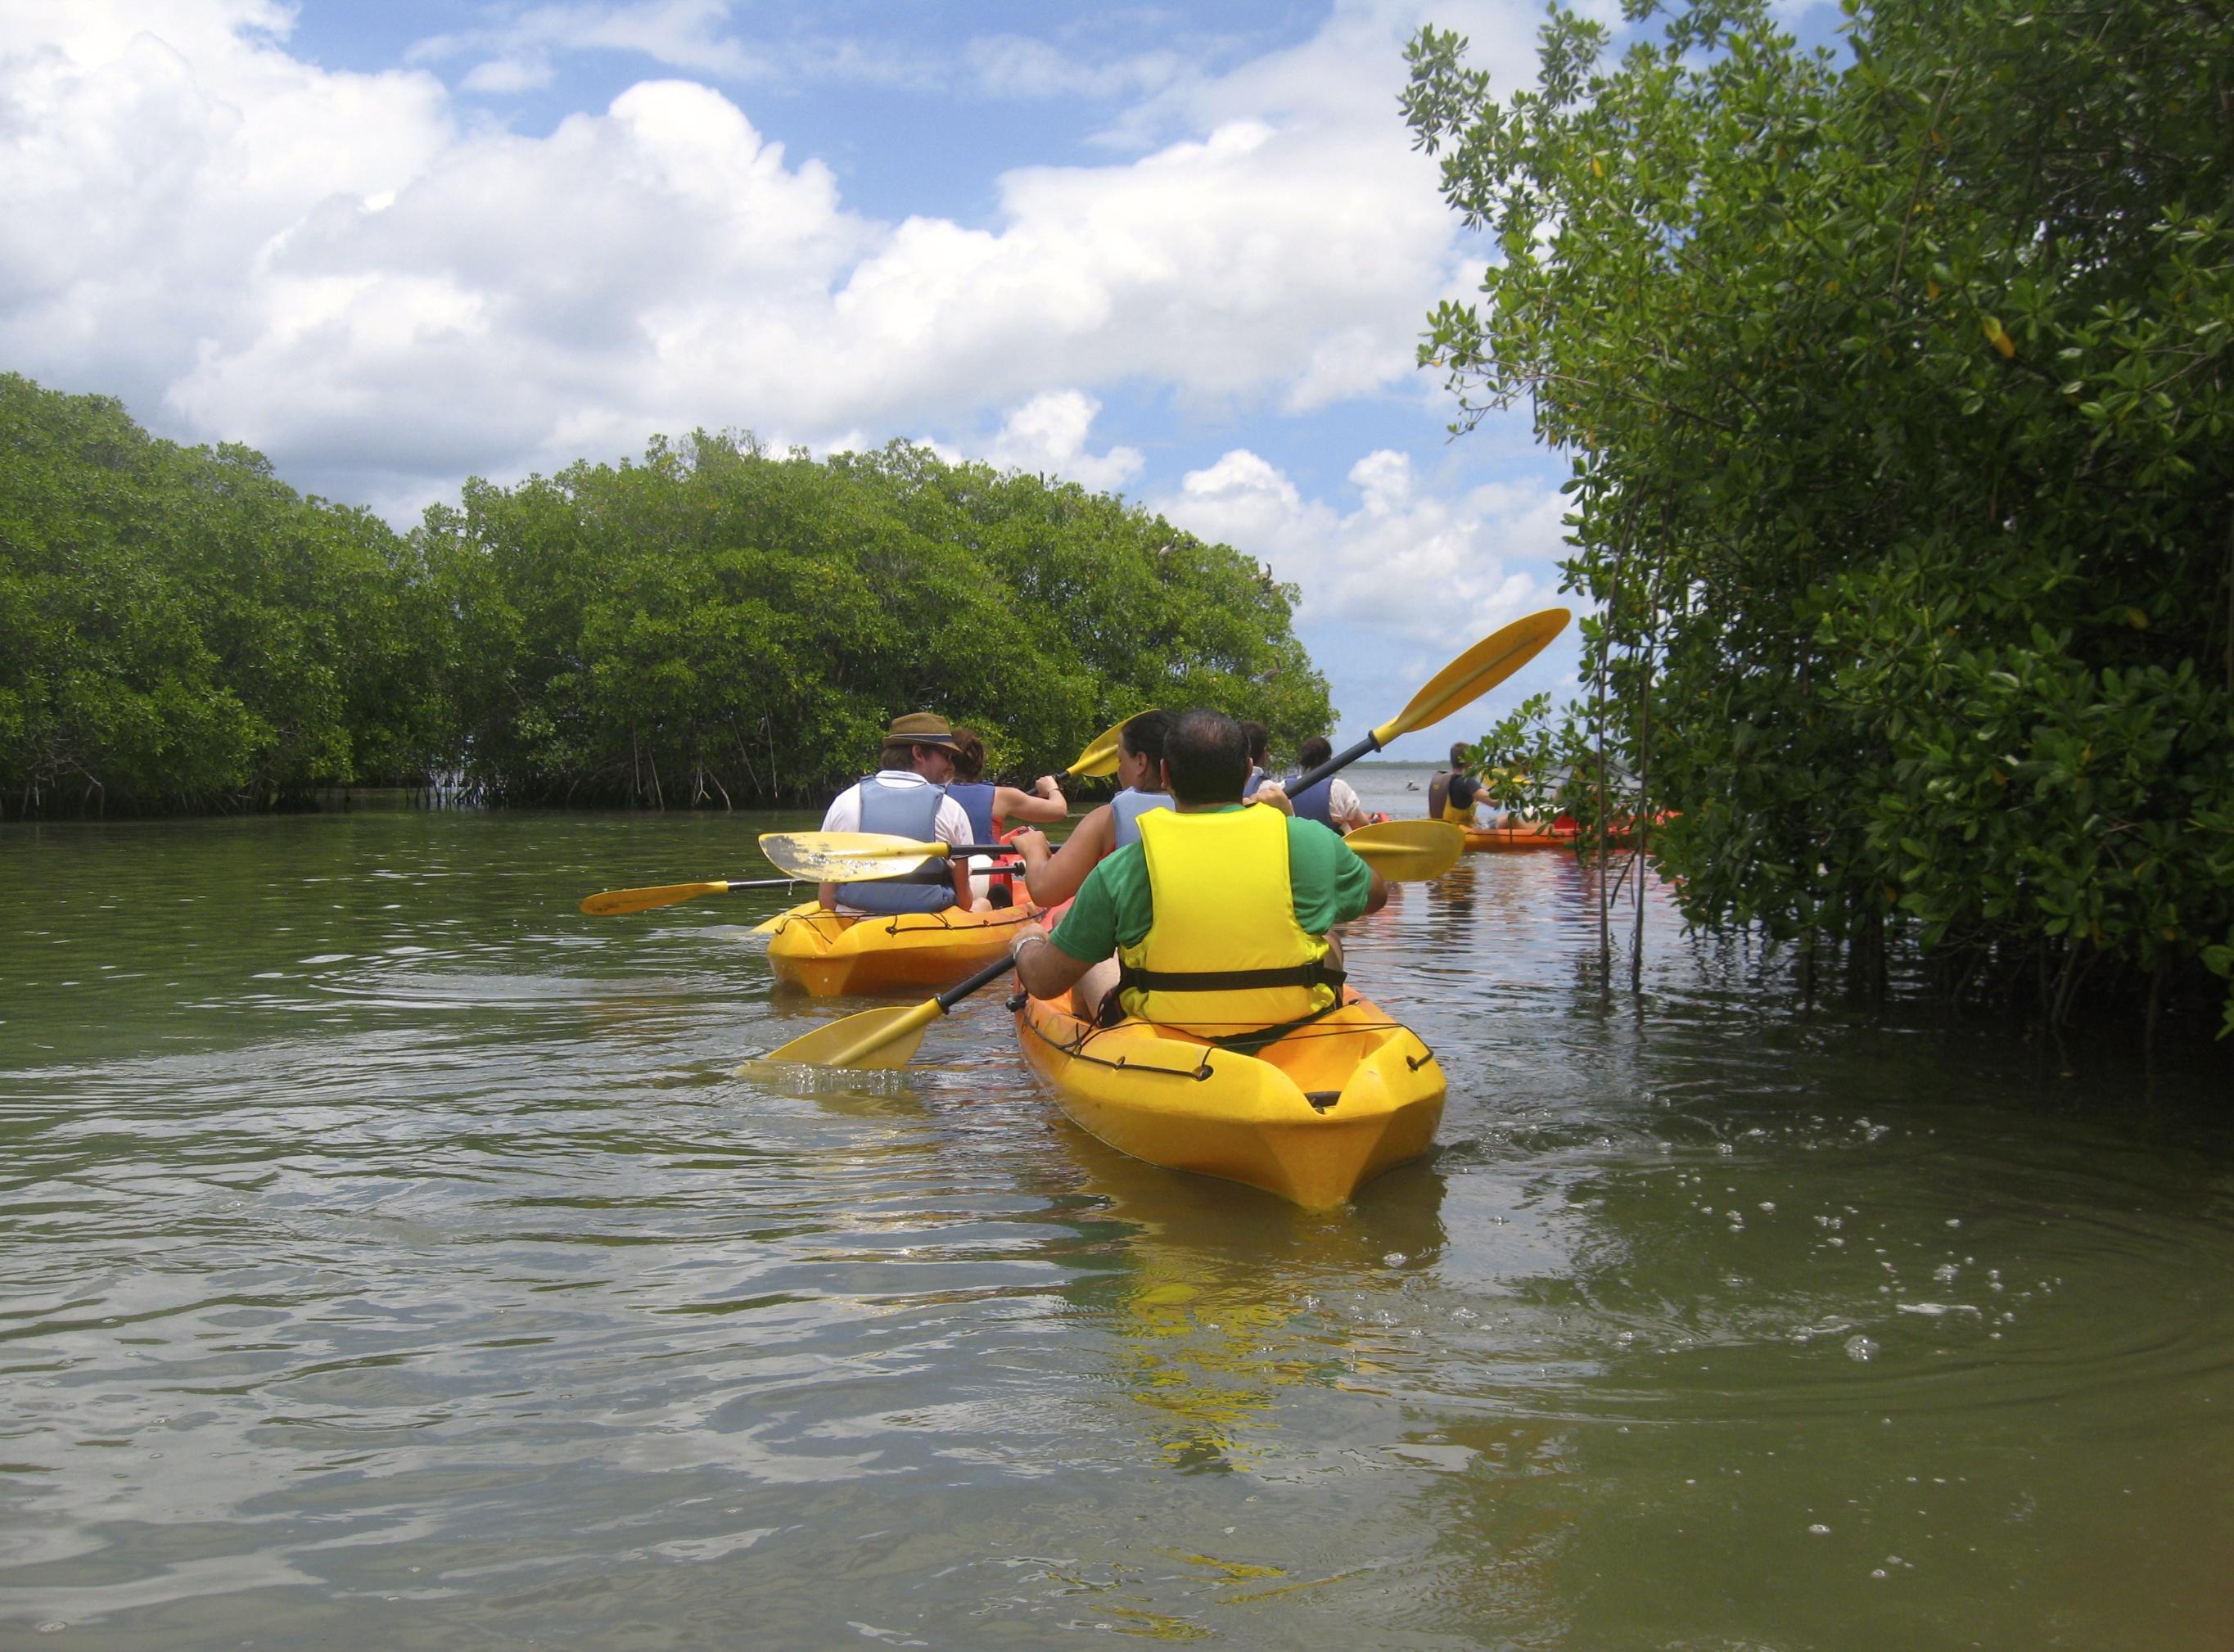 Mein Schiff Grün & Fair Ausflug: Mit dem Kajak durch die Mangroven in Guaeloupe